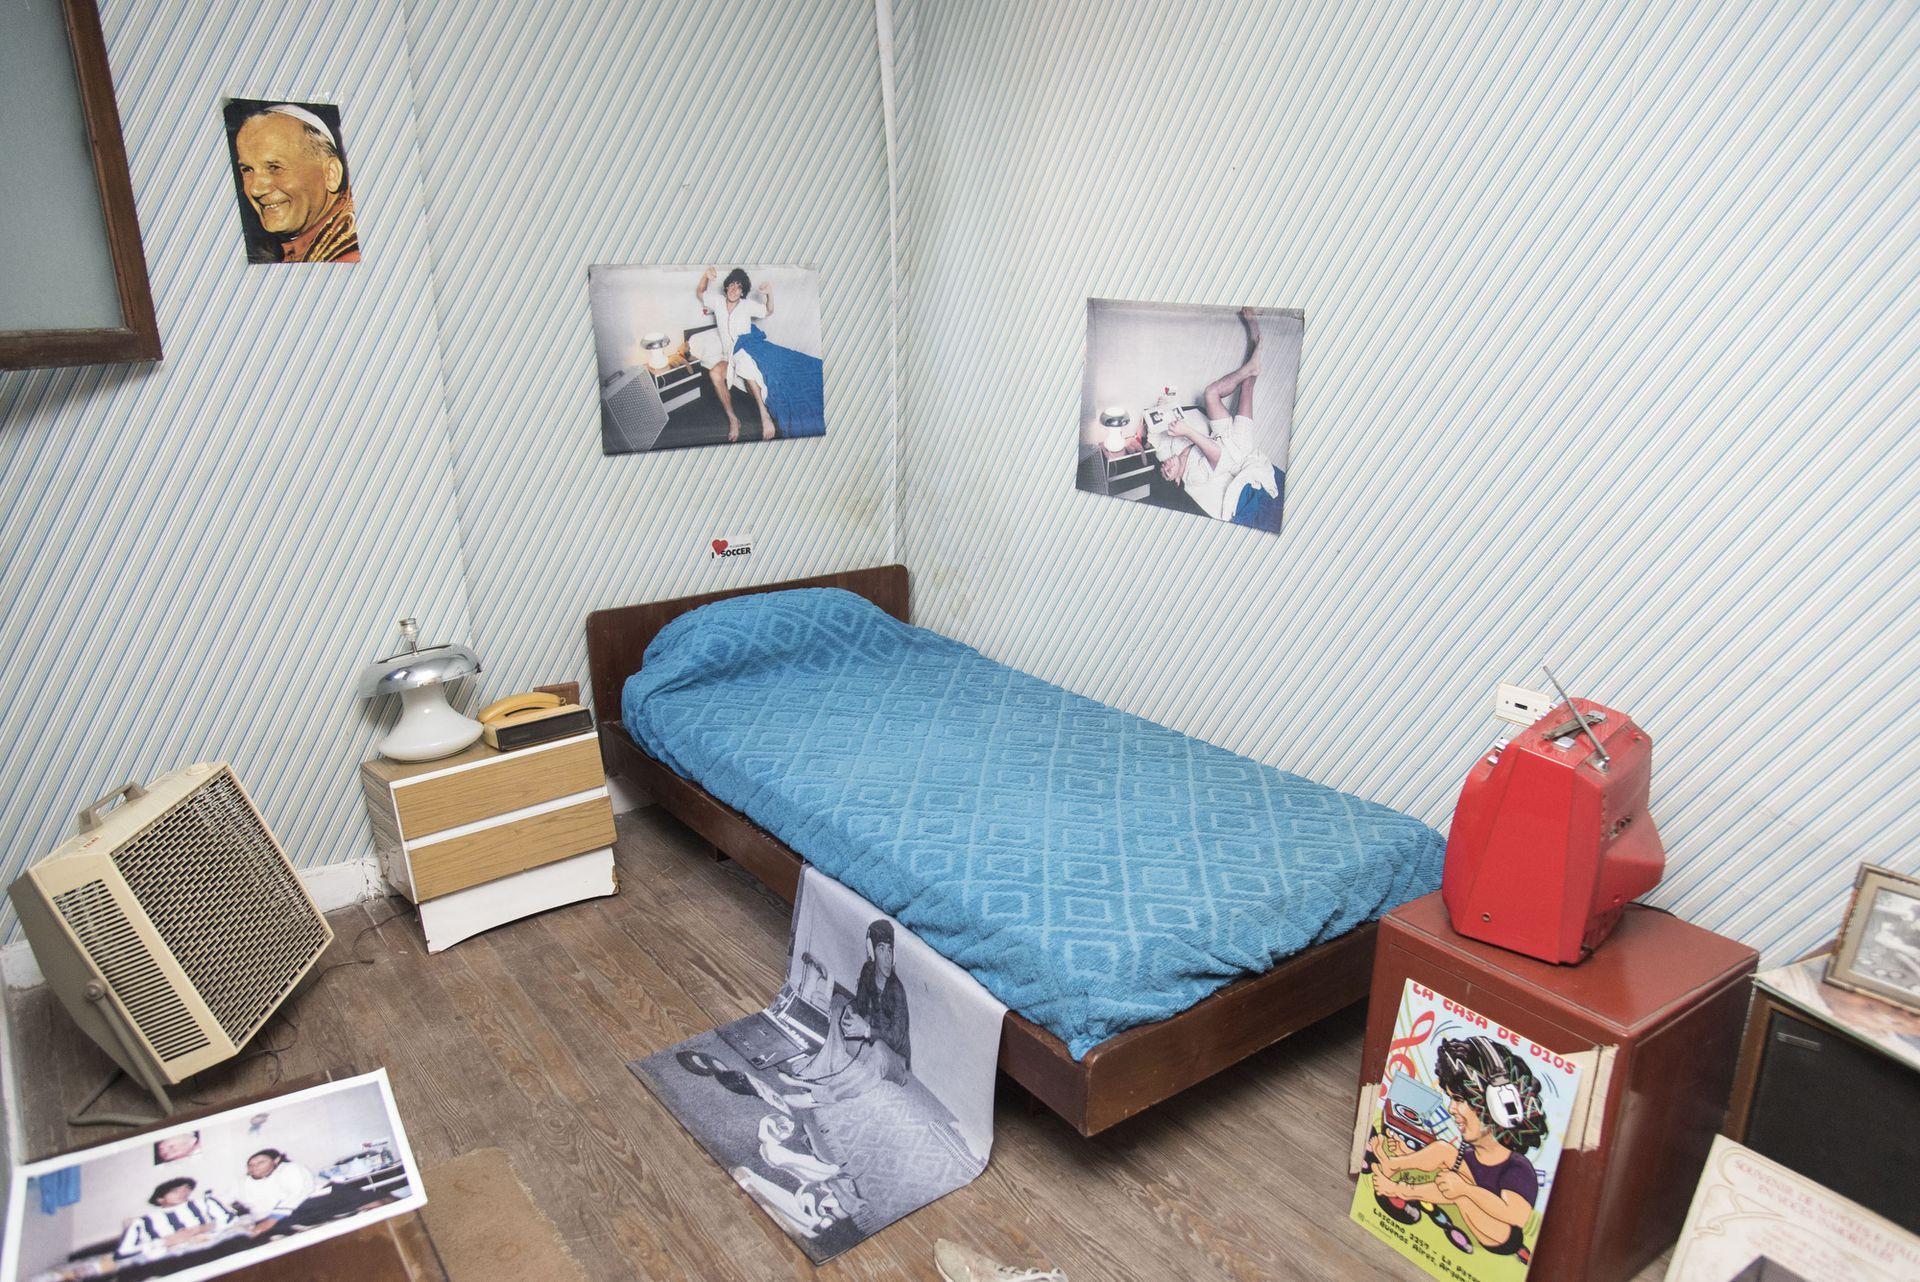 Como si fuera ayer: la habitación del ídolo, reconstruida fielmente a partir de documentos de la época.